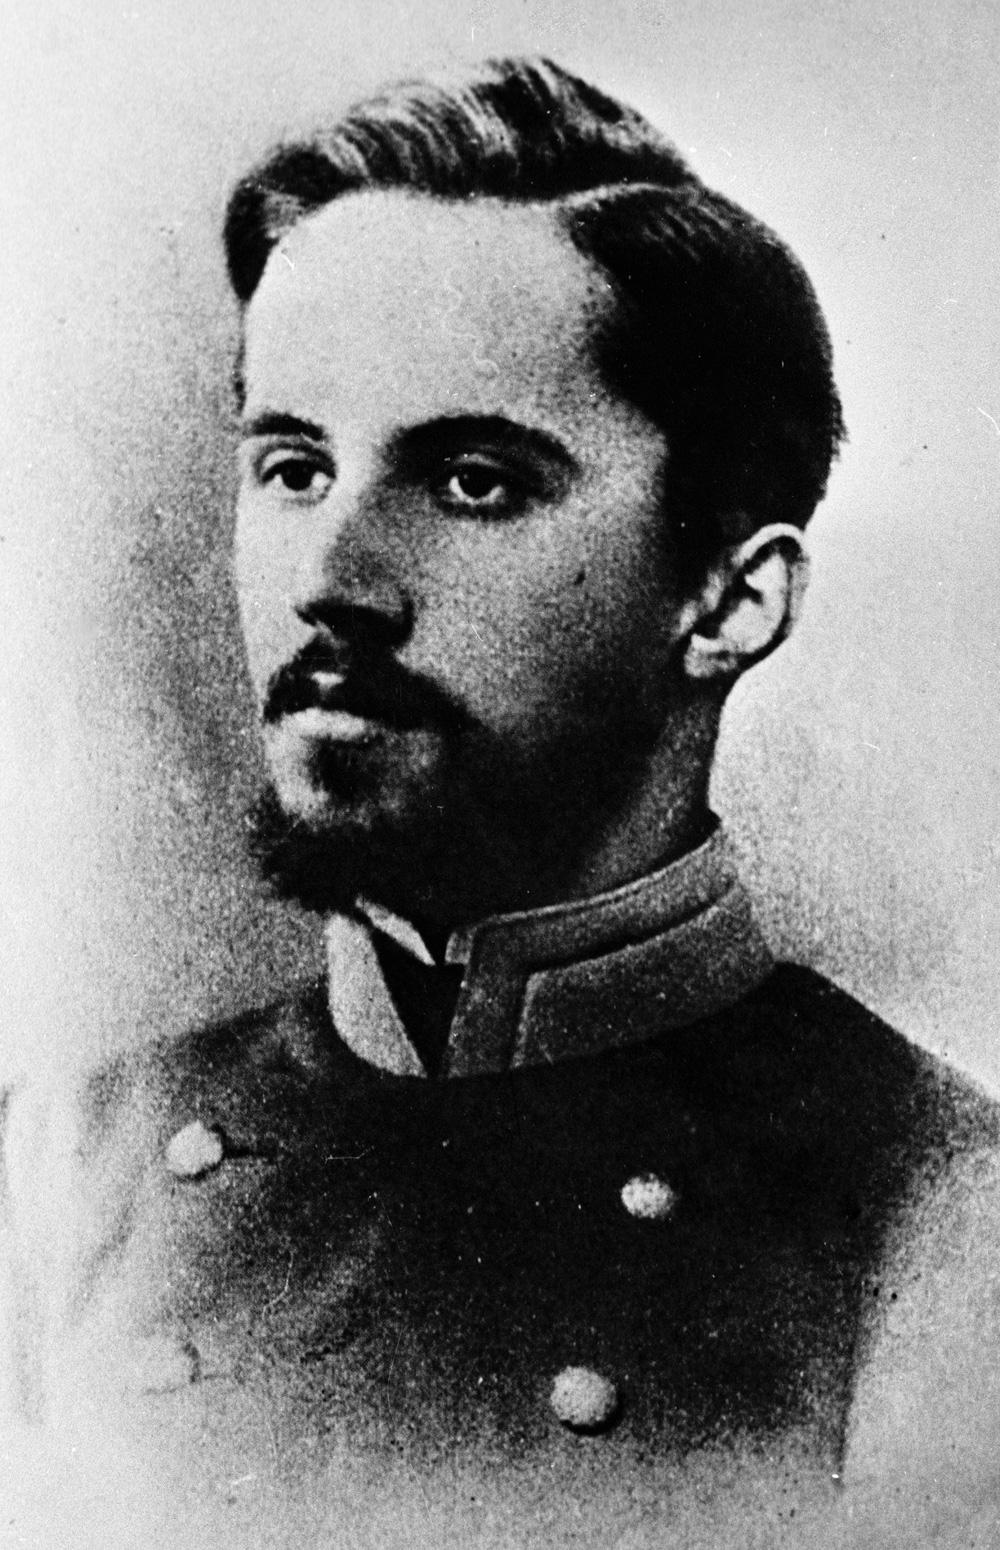 График и театральный художник Иван Билибин, 1900 год